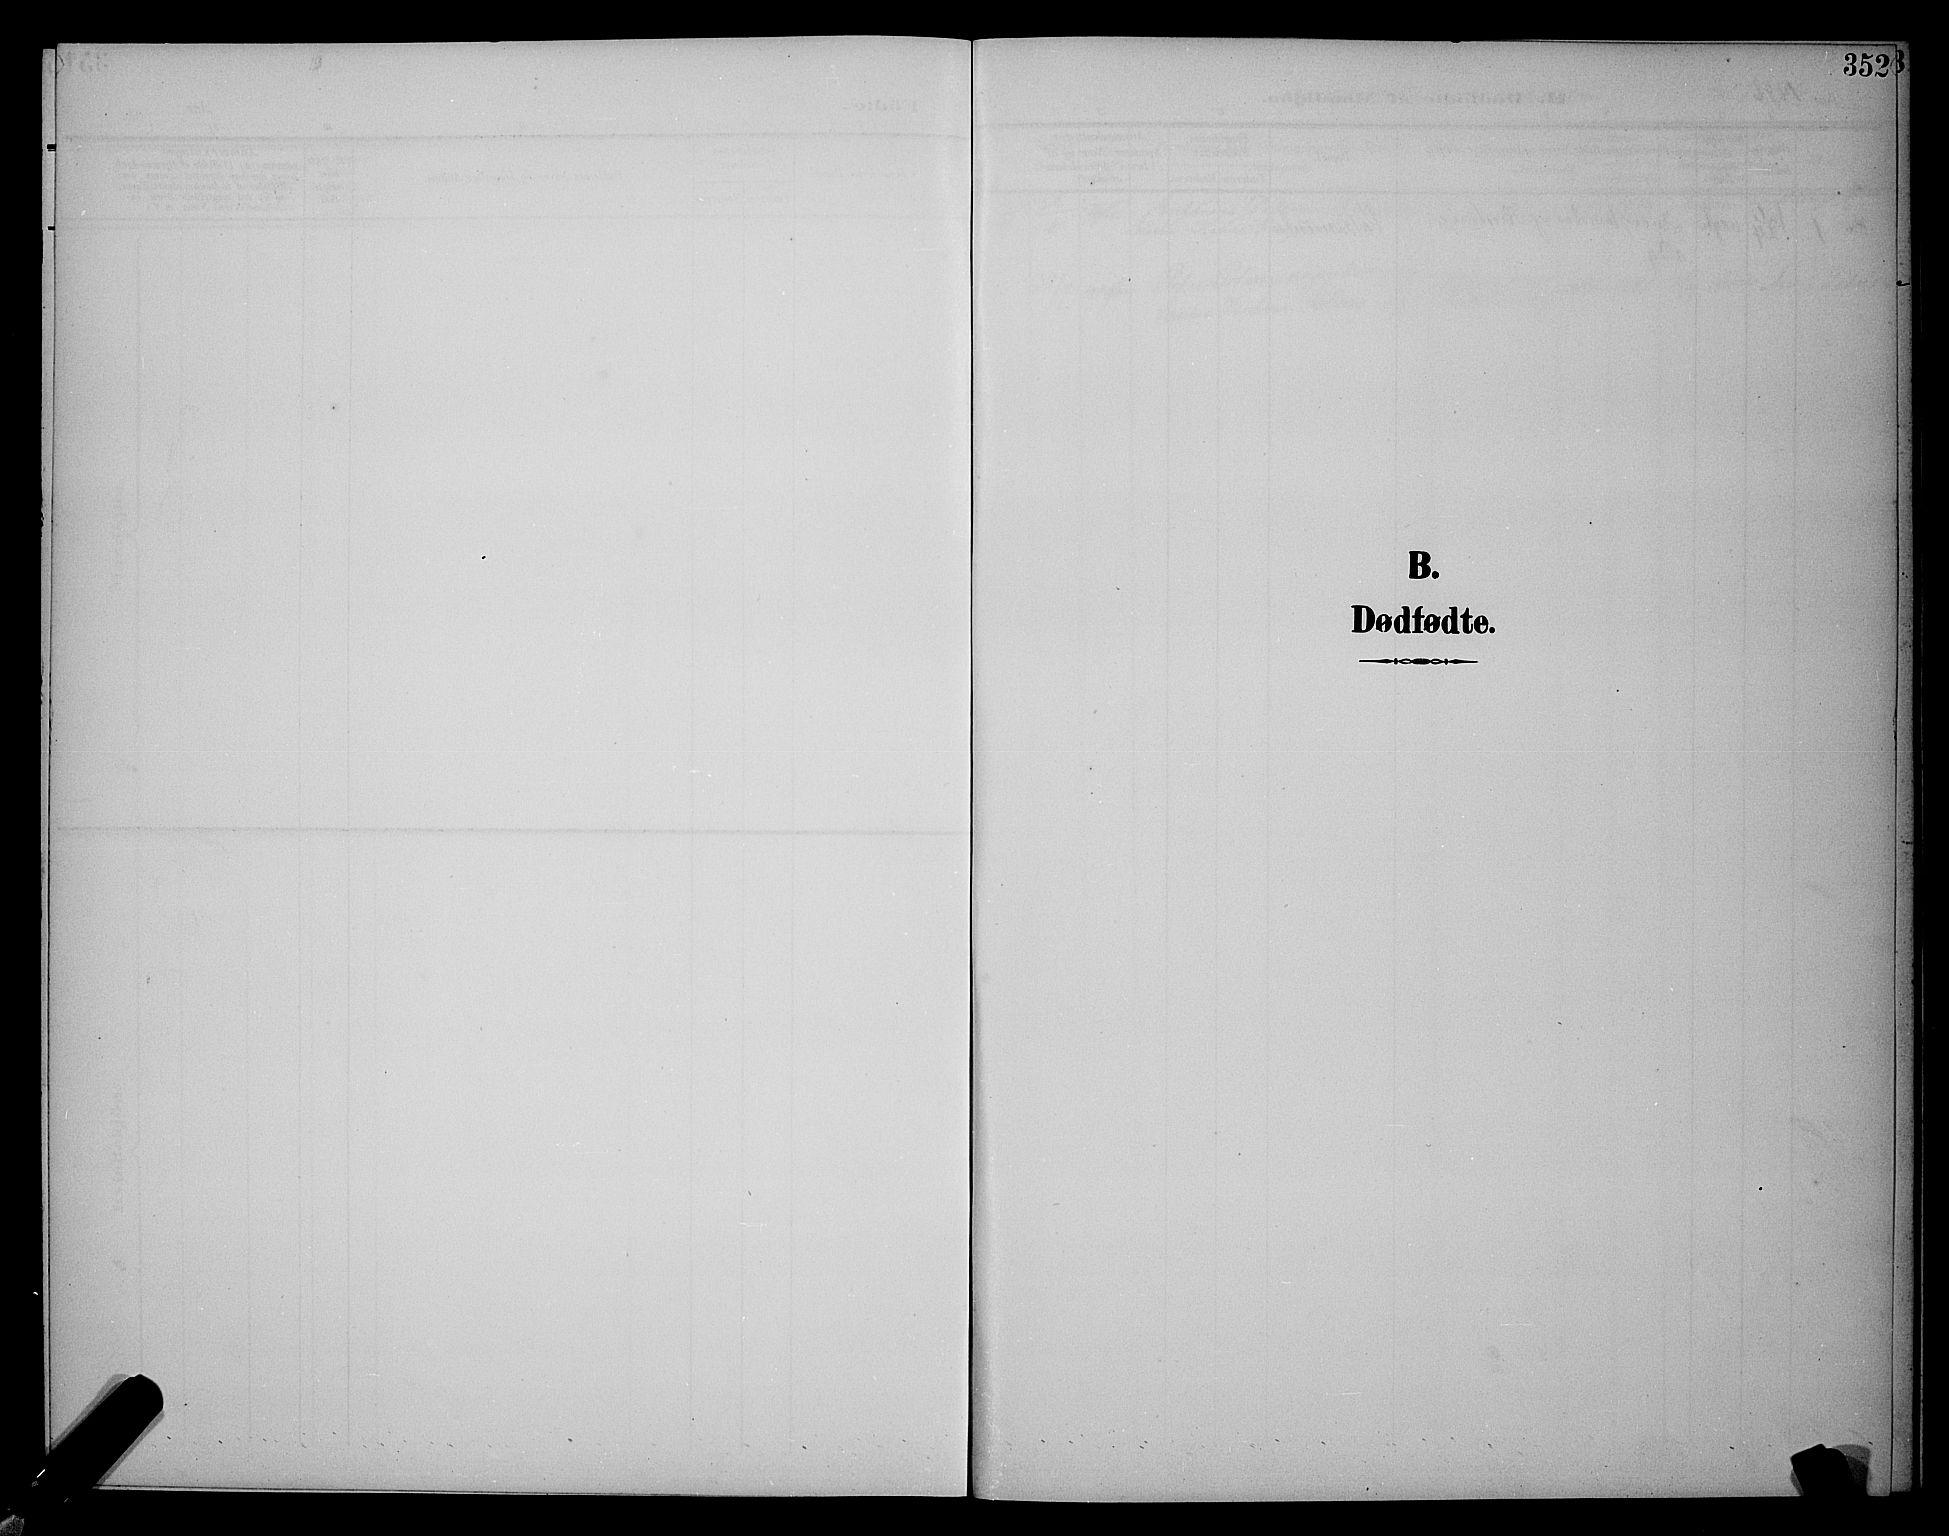 SAT, Ministerialprotokoller, klokkerbøker og fødselsregistre - Sør-Trøndelag, 604/L0225: Klokkerbok nr. 604C08, 1895-1899, s. 352